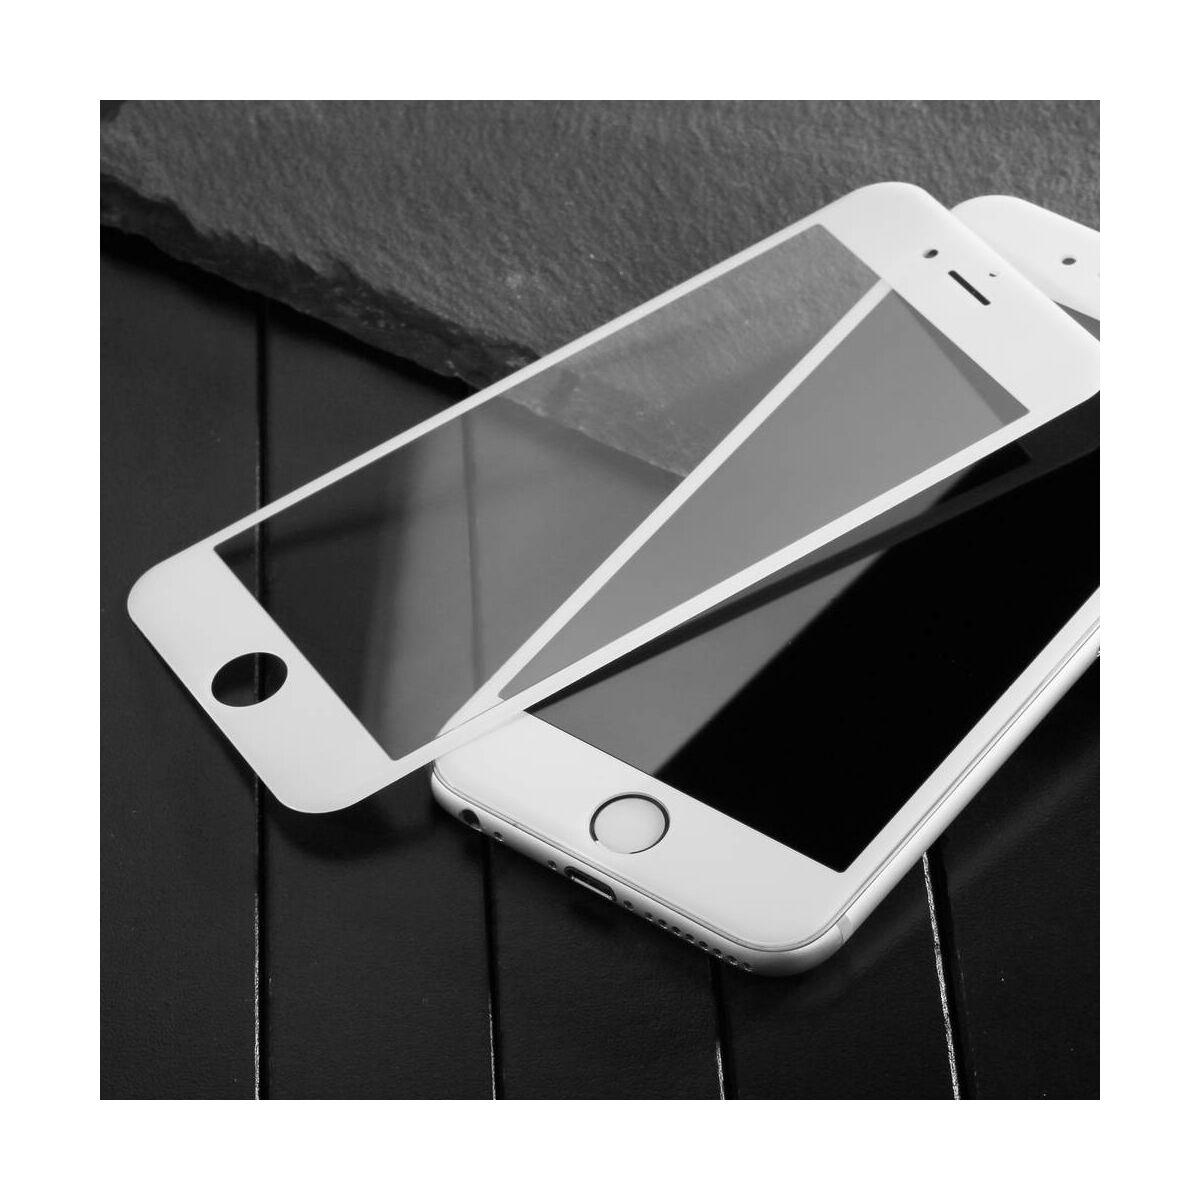 Baseus iPhone 6/6s Plus 0.23 mm, teljes felületre, Anti-break lekerekített edzett üveg kijelzővédő fólia, fehér (SGAPIPH6SP-DE02)